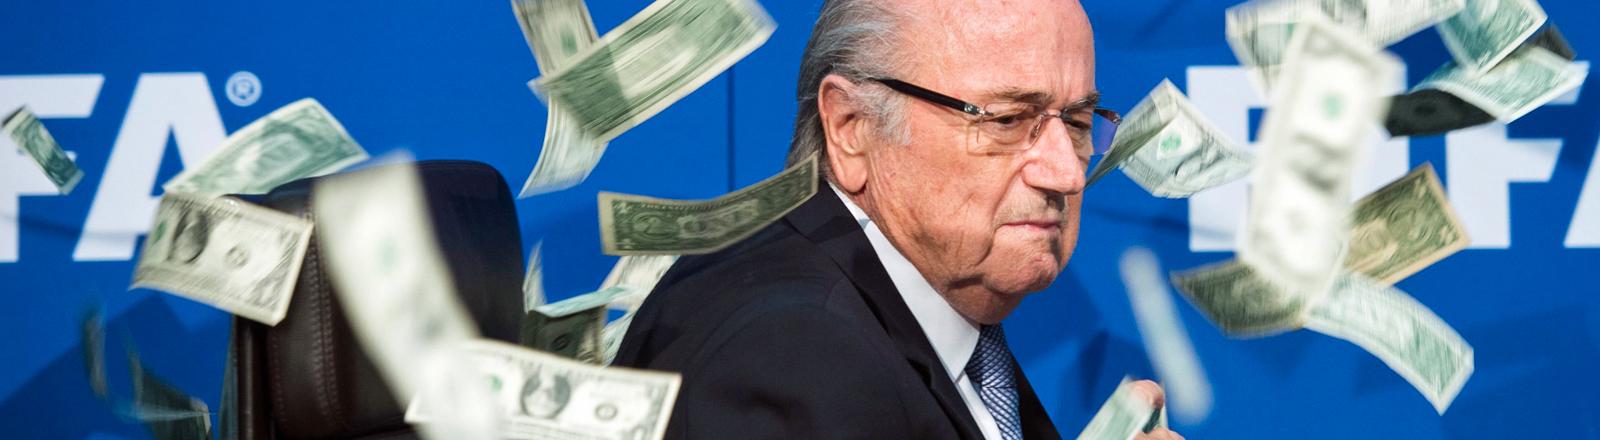 Fifa-Präsident Sepp Blatter im Geldscheinregen am 20.07.2015.